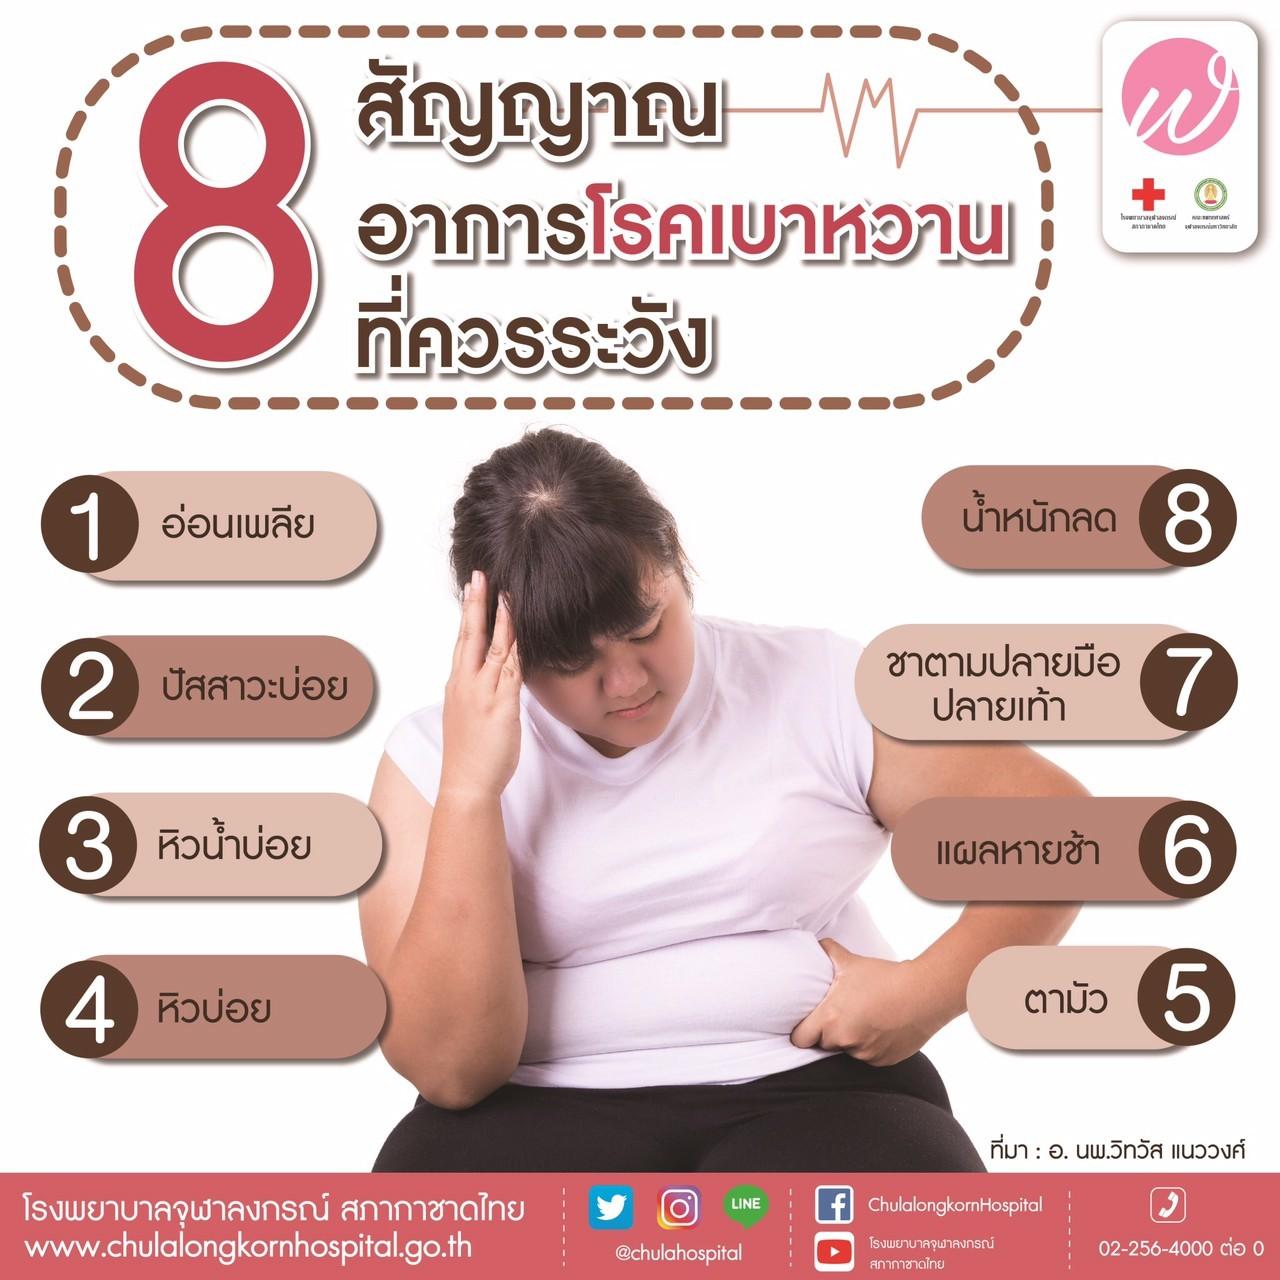 8 สัญญาณ อาการโรคเบาหวาน ที่ควรระวัง